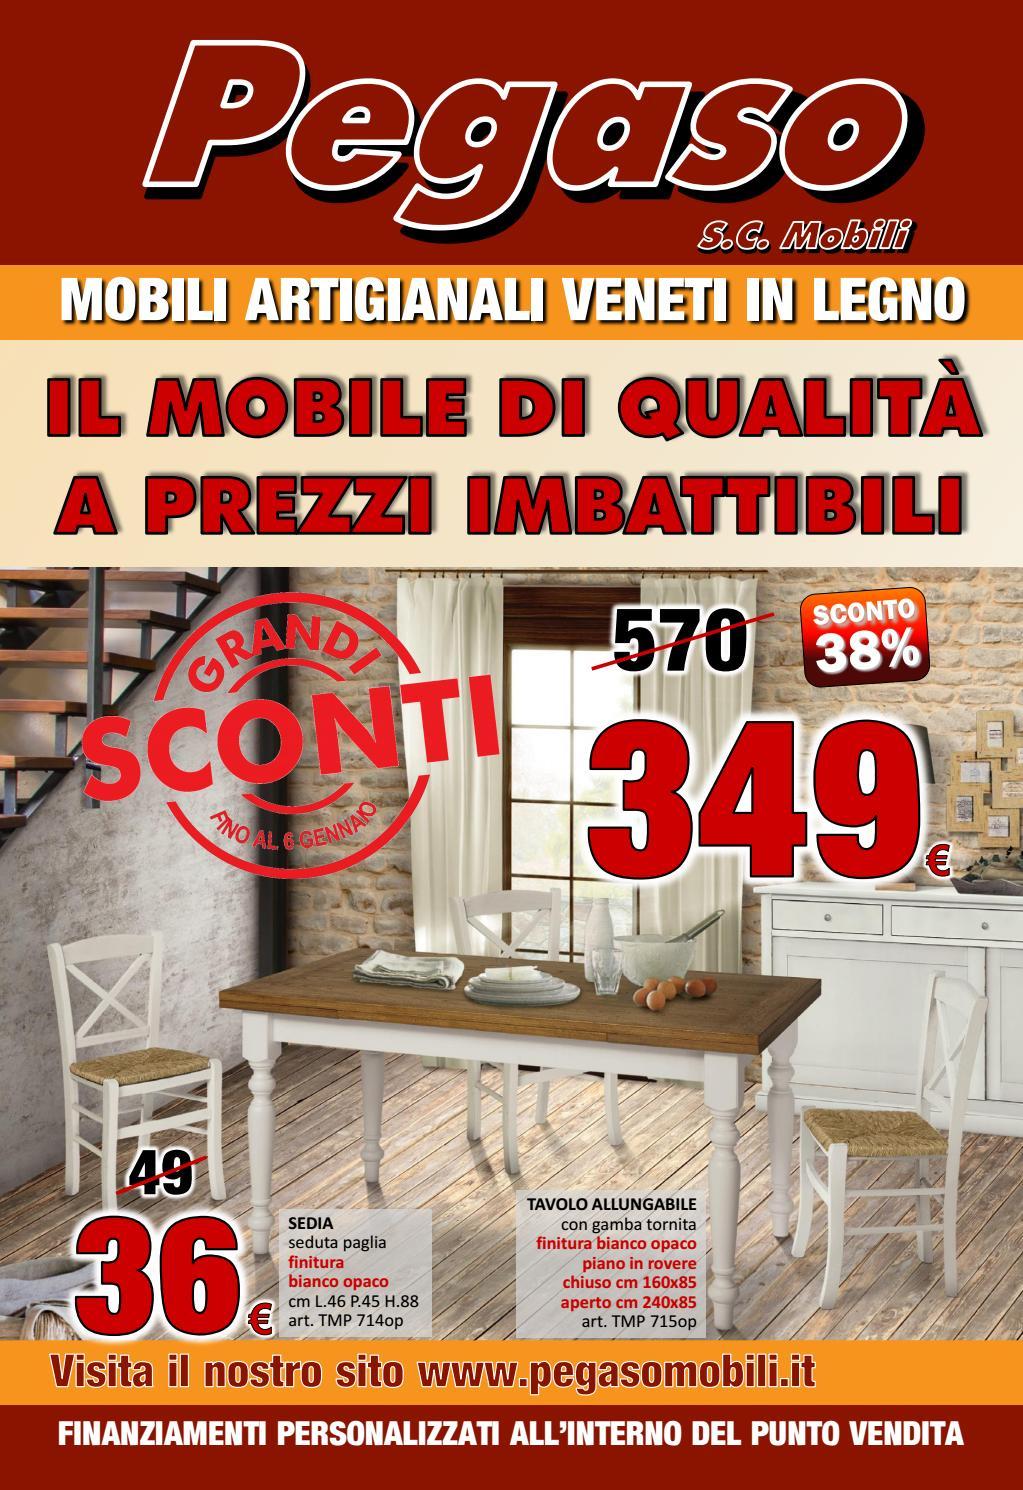 Pegaso Mobili. Cool With Pegaso Mobili. Cheap Pensili E Piattaie ...